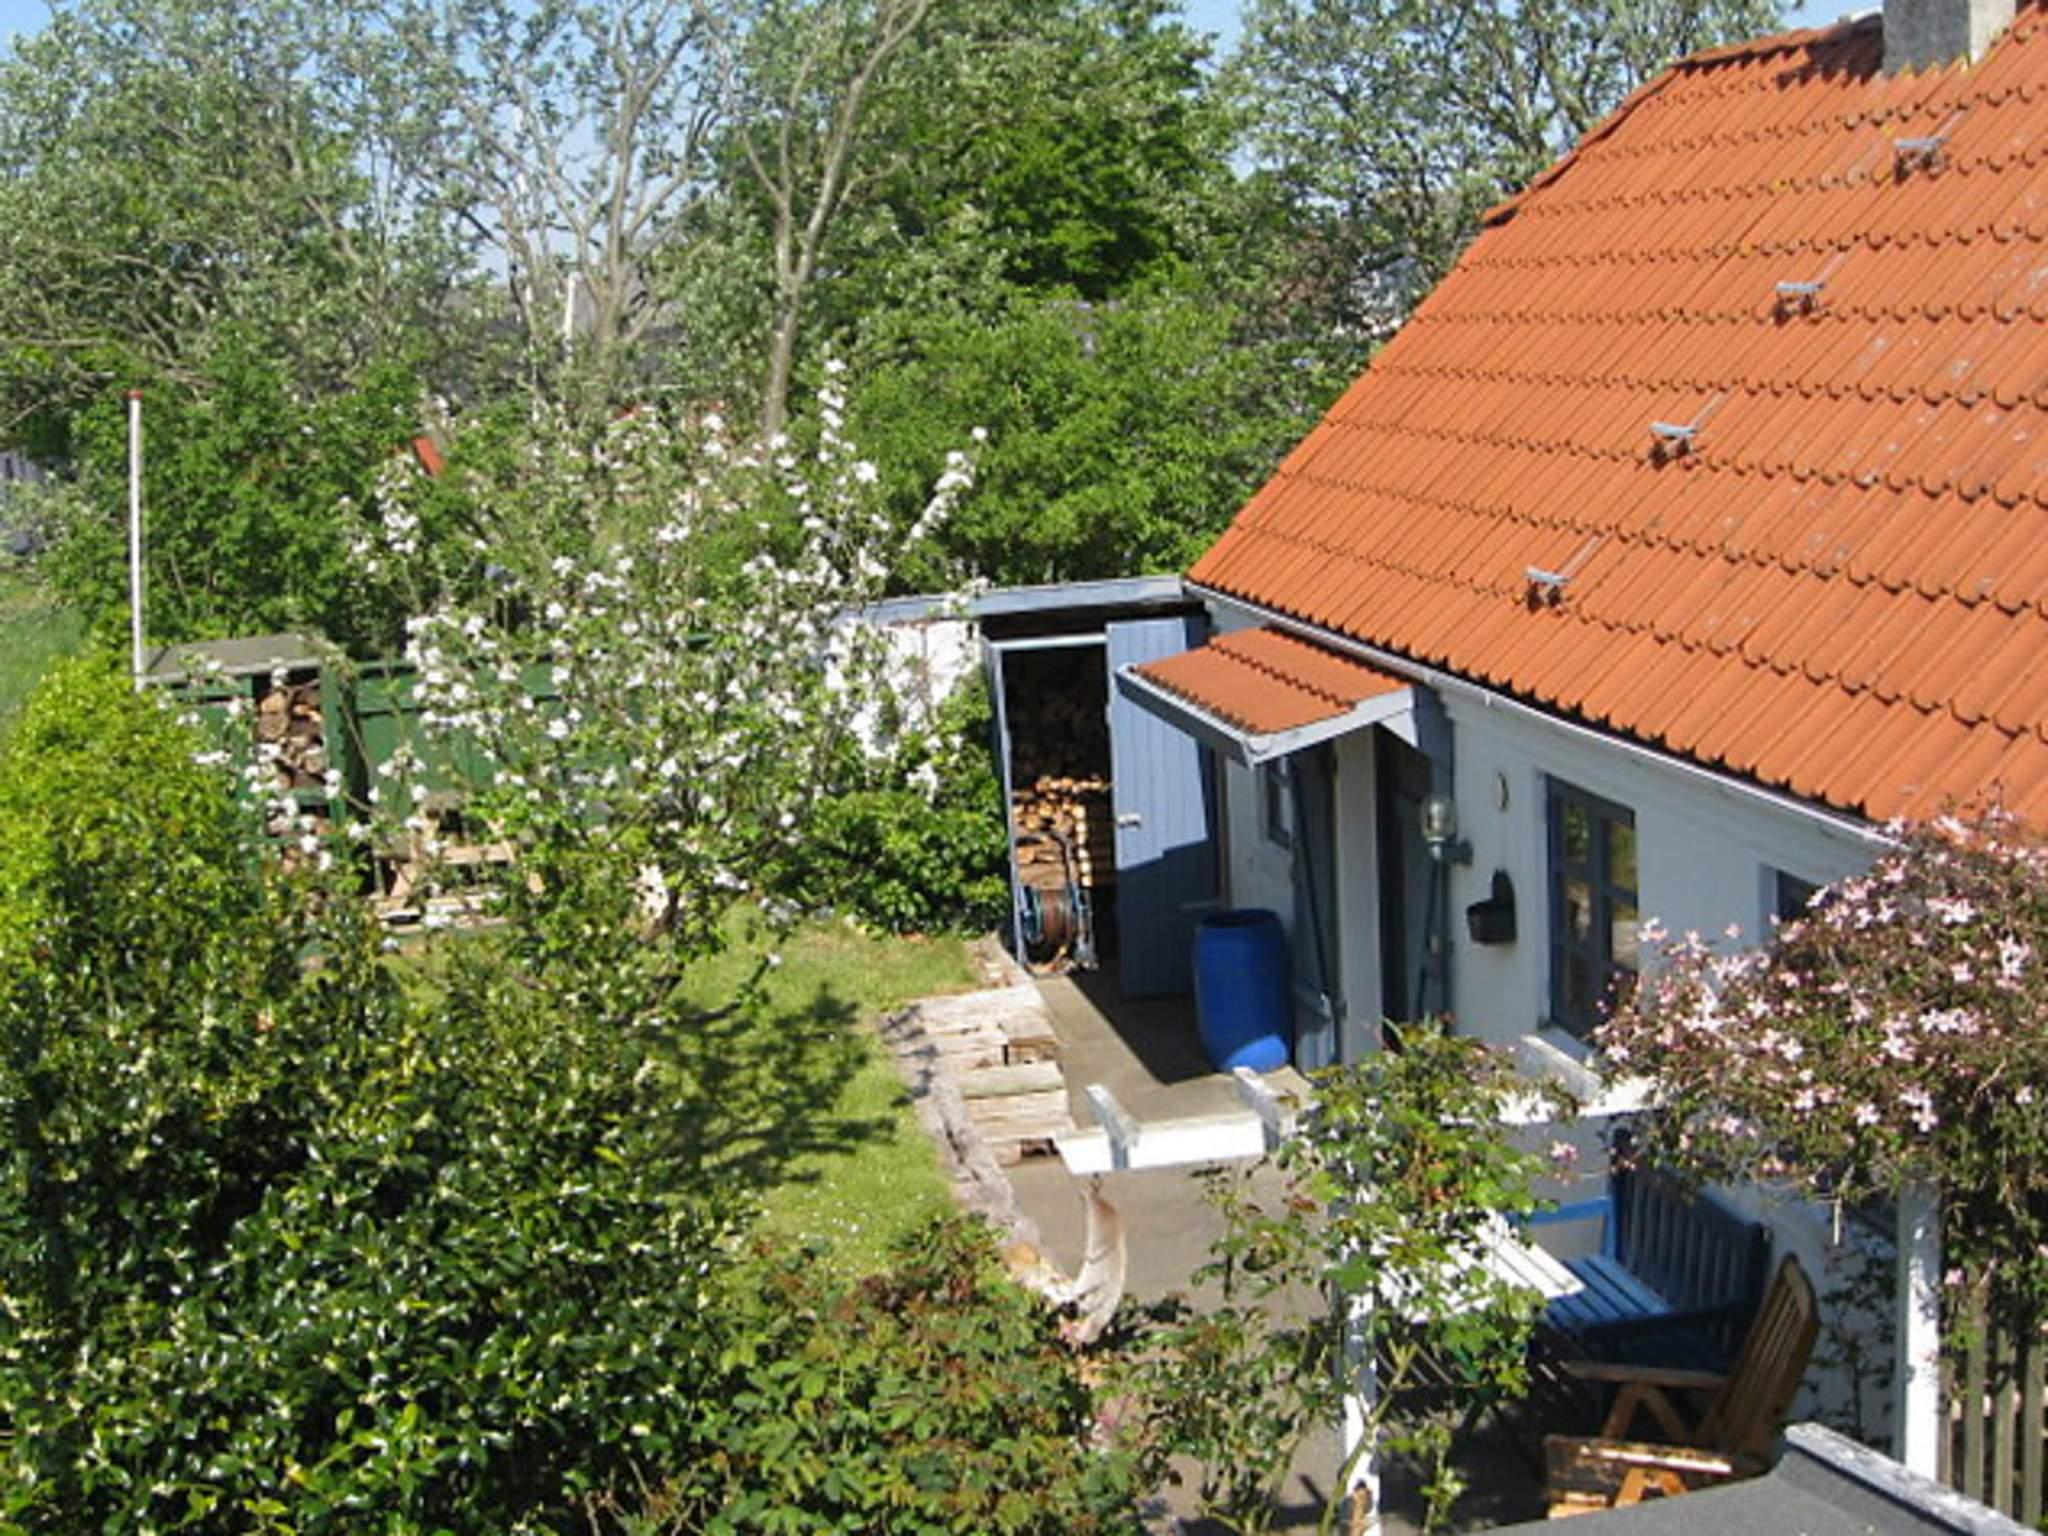 Ferienhaus St. Darum (306951), Bramming, , Südwestjütland, Dänemark, Bild 1